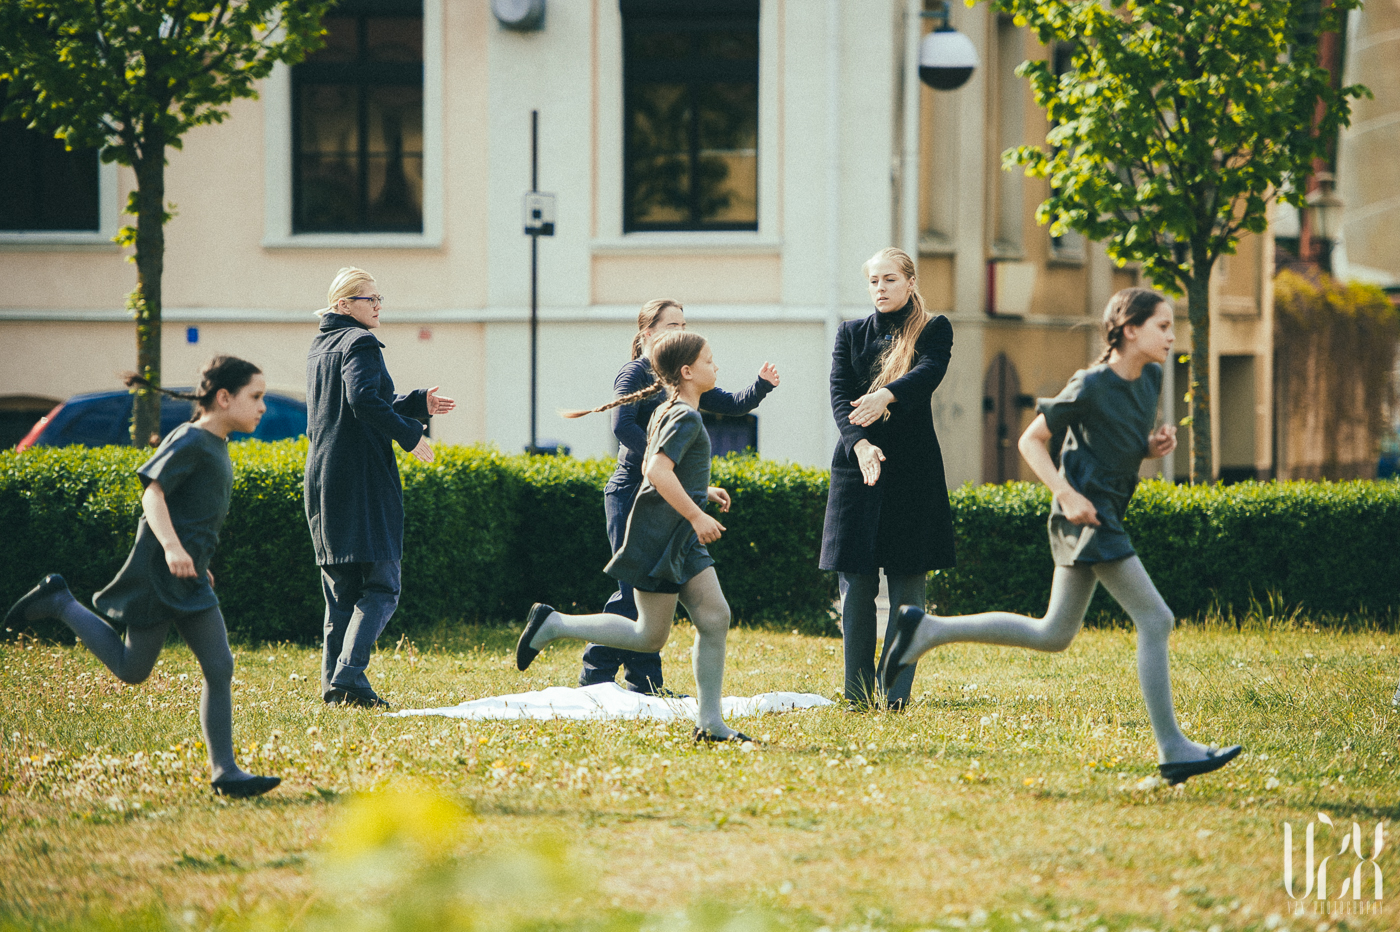 Keliaujancios Baznycios Performance Vzx Photography Klaipeda 44